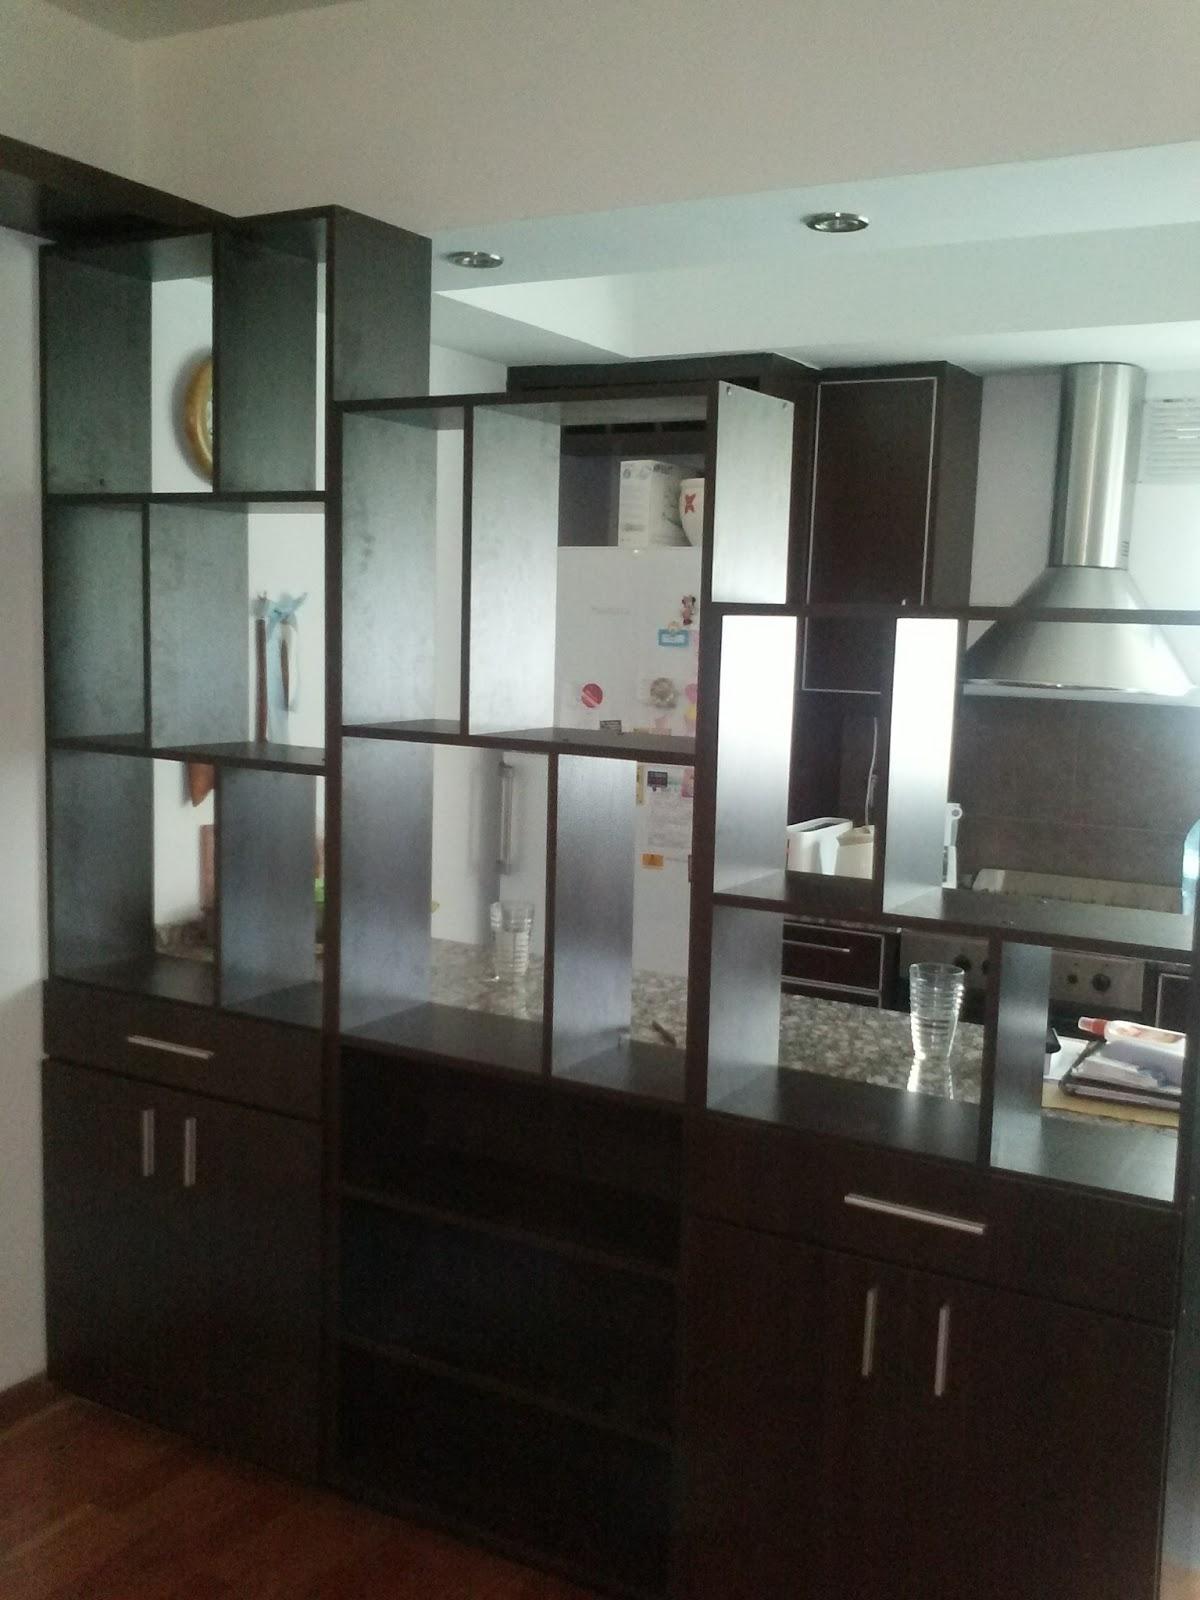 Dise o y madera modulos para dividir ambientes for Dividir cocina comedor